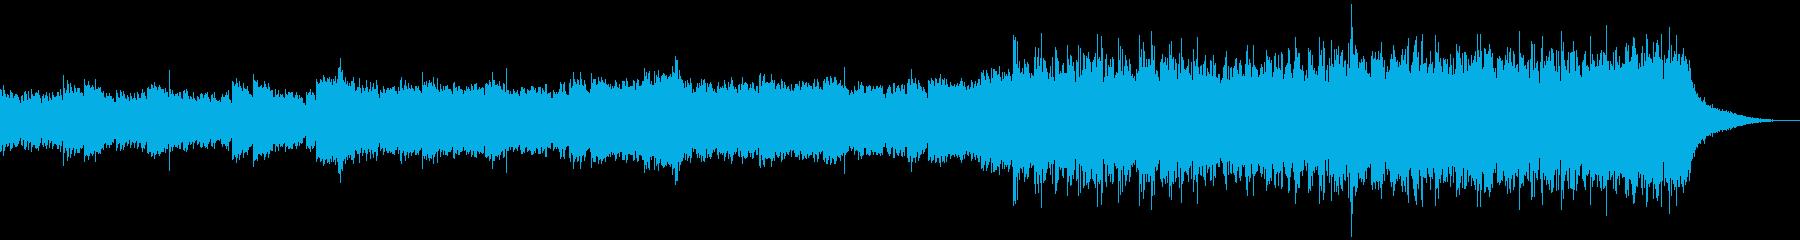 企業VP映像、152オーケストラ、爽快bの再生済みの波形